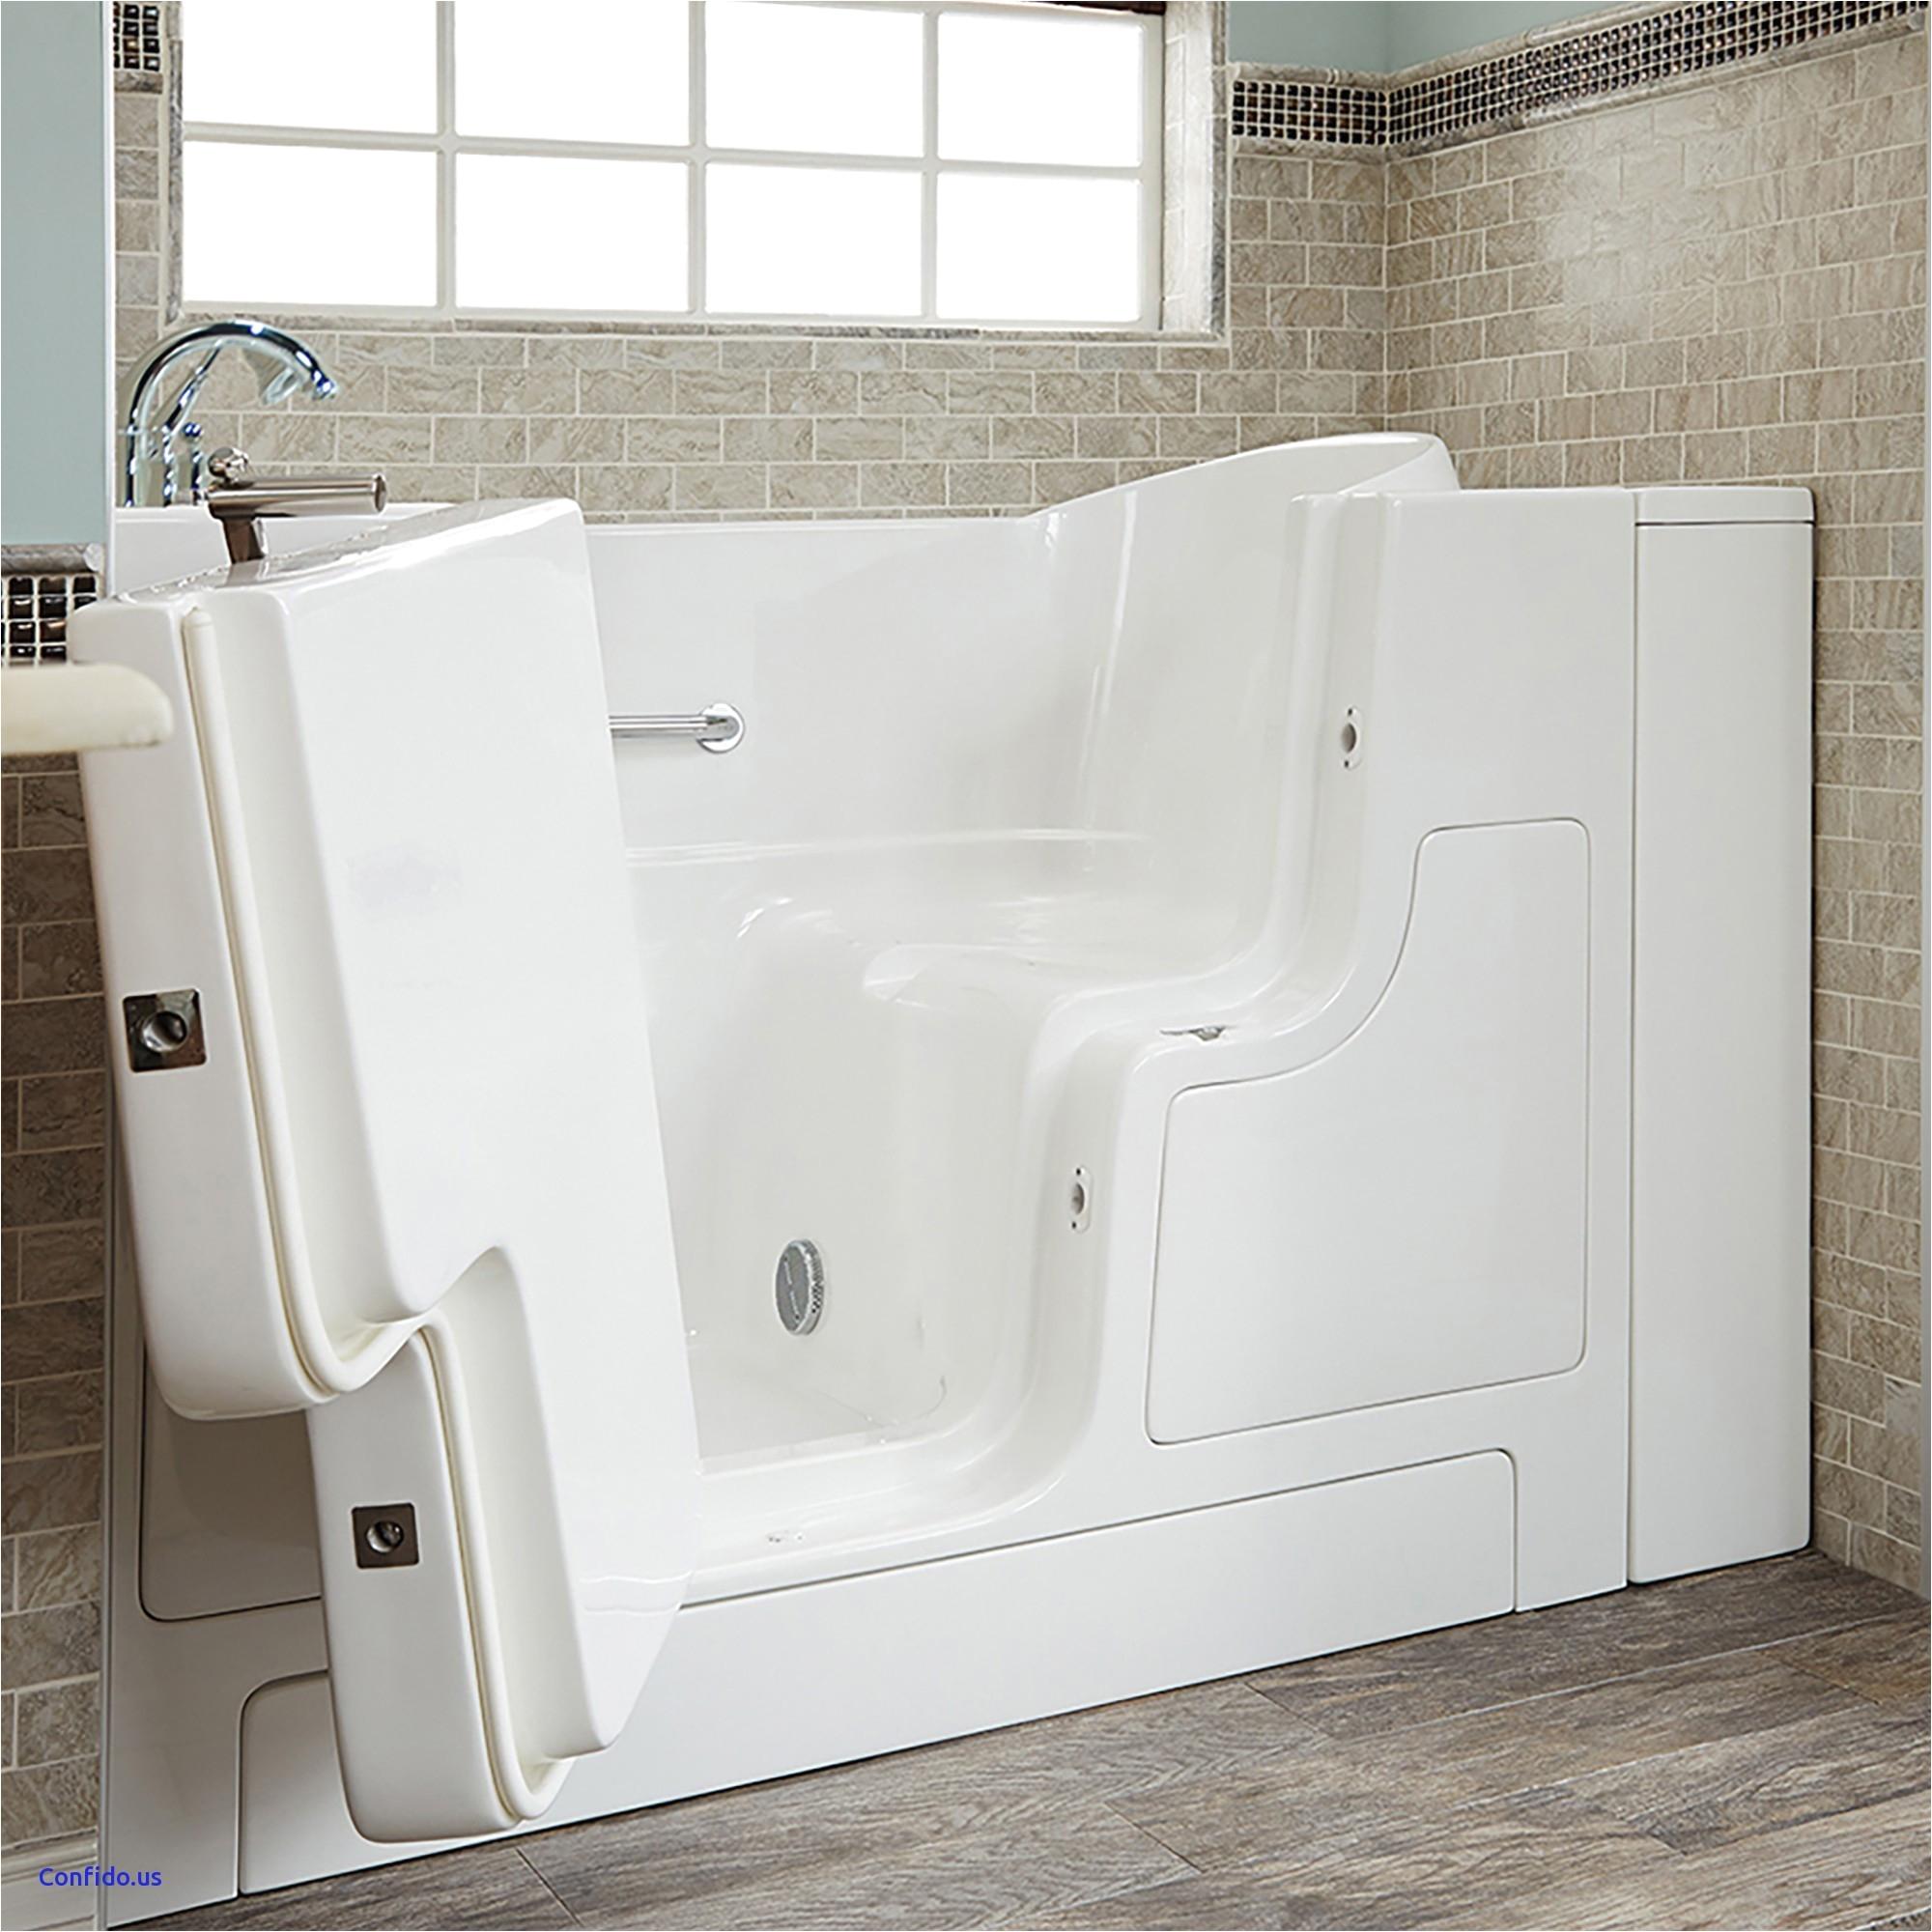 54 27 bathtub inspirational gelcoat value series 30 52 inch outward opening door soaking